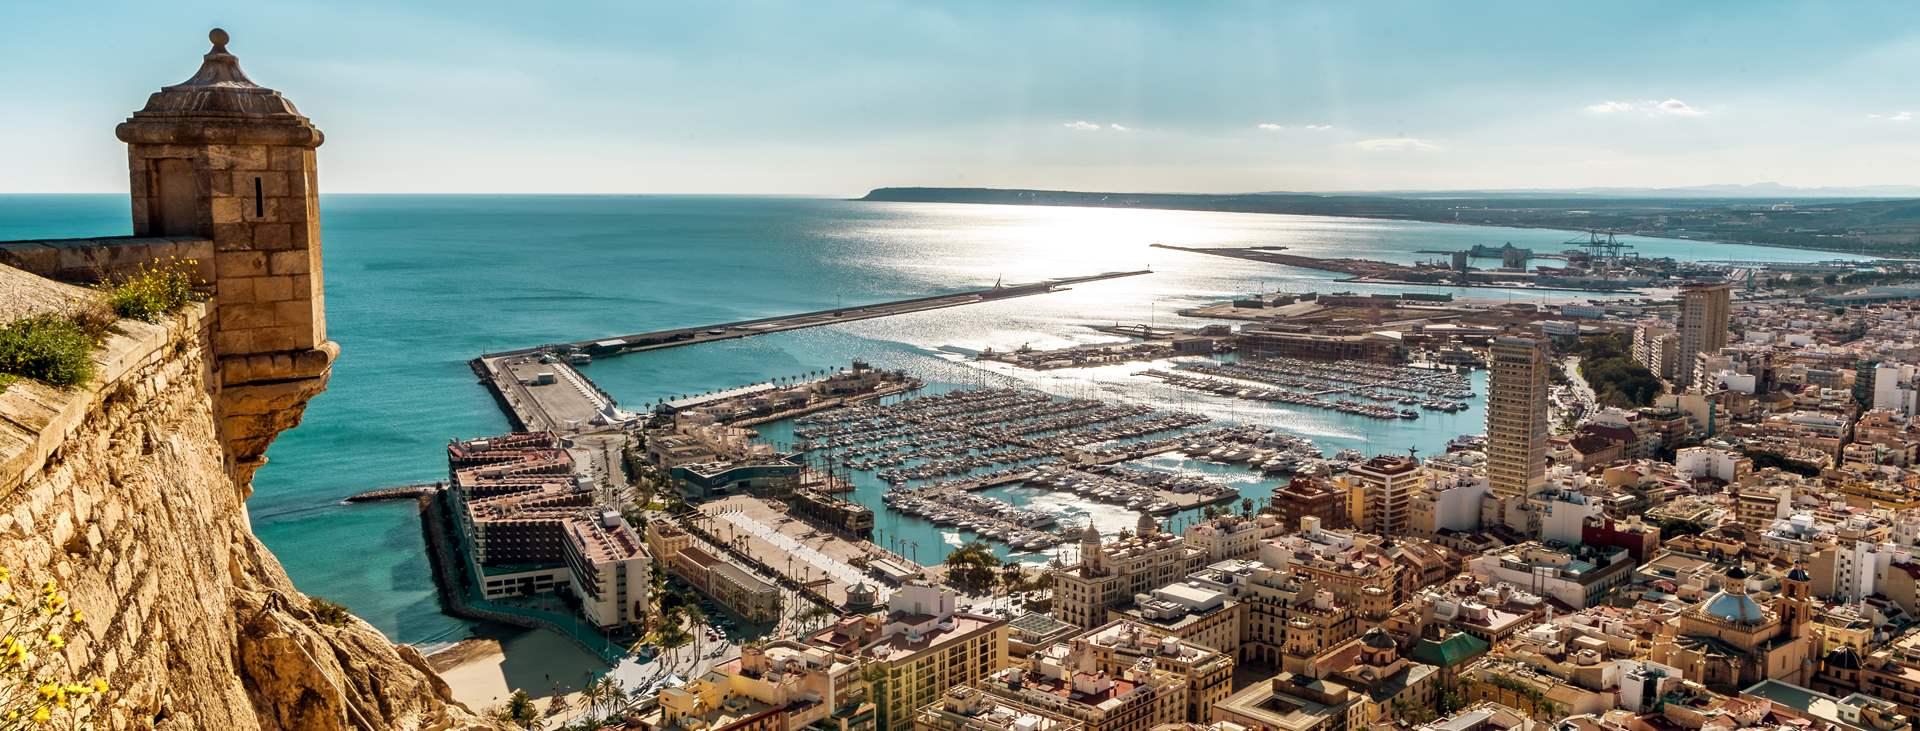 Bestill en reise med Ving til Alicante i Spania